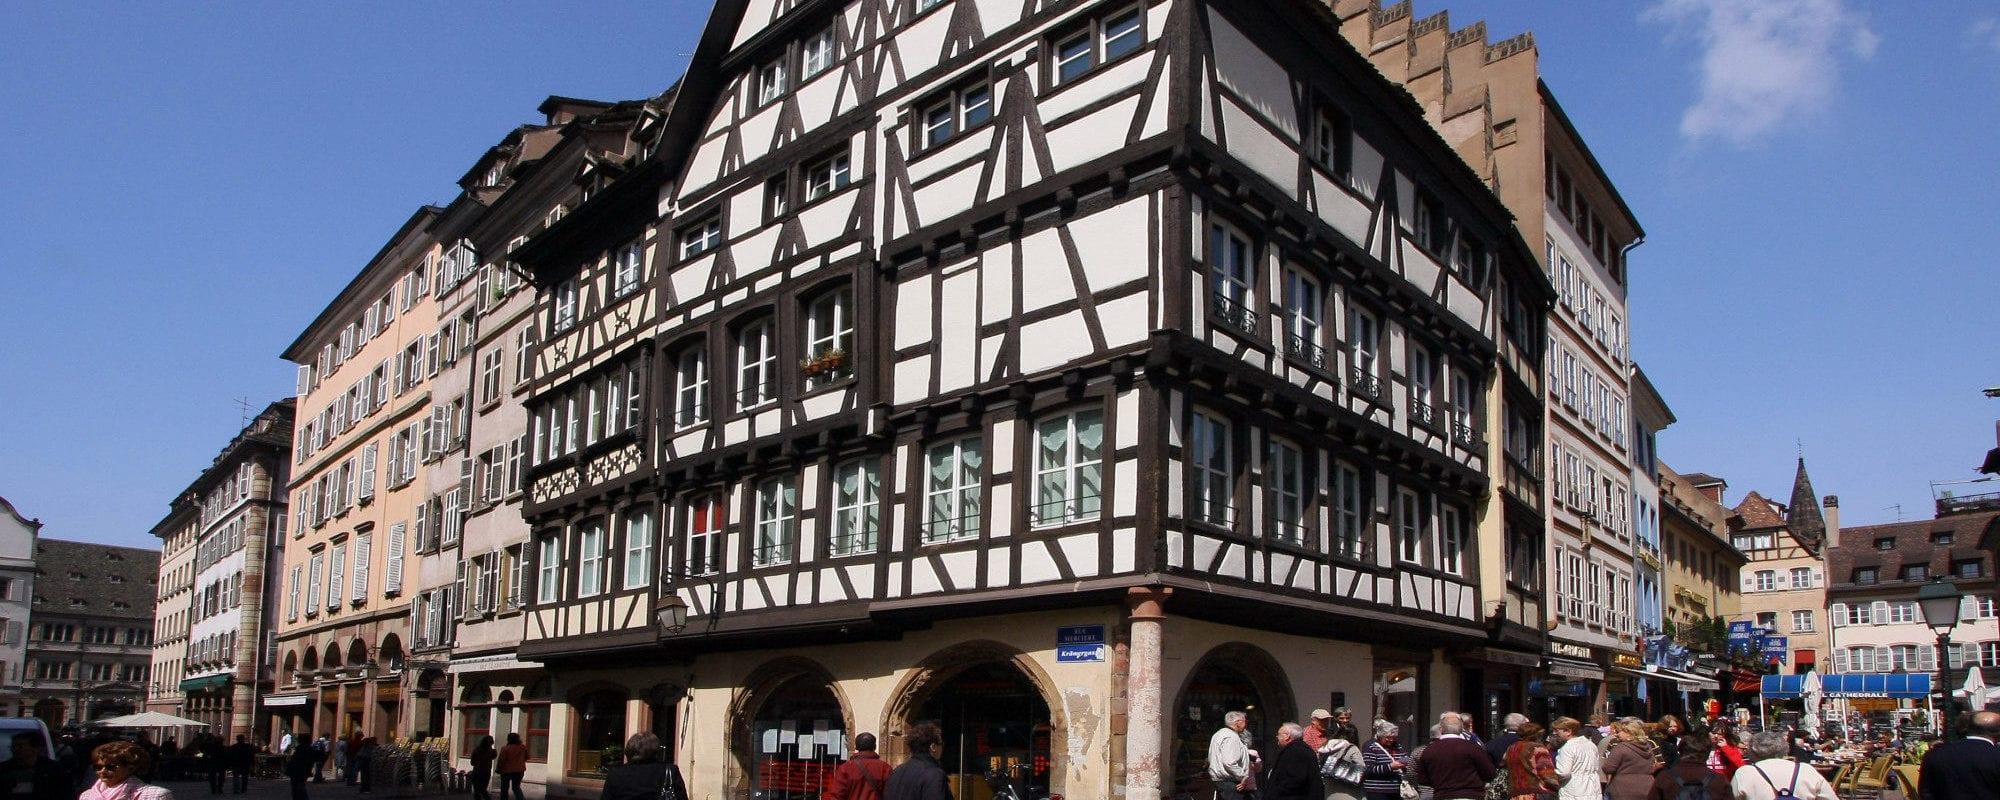 Strasbourg veut une boutique éphémère d'artisanat en face de la Cathédrale